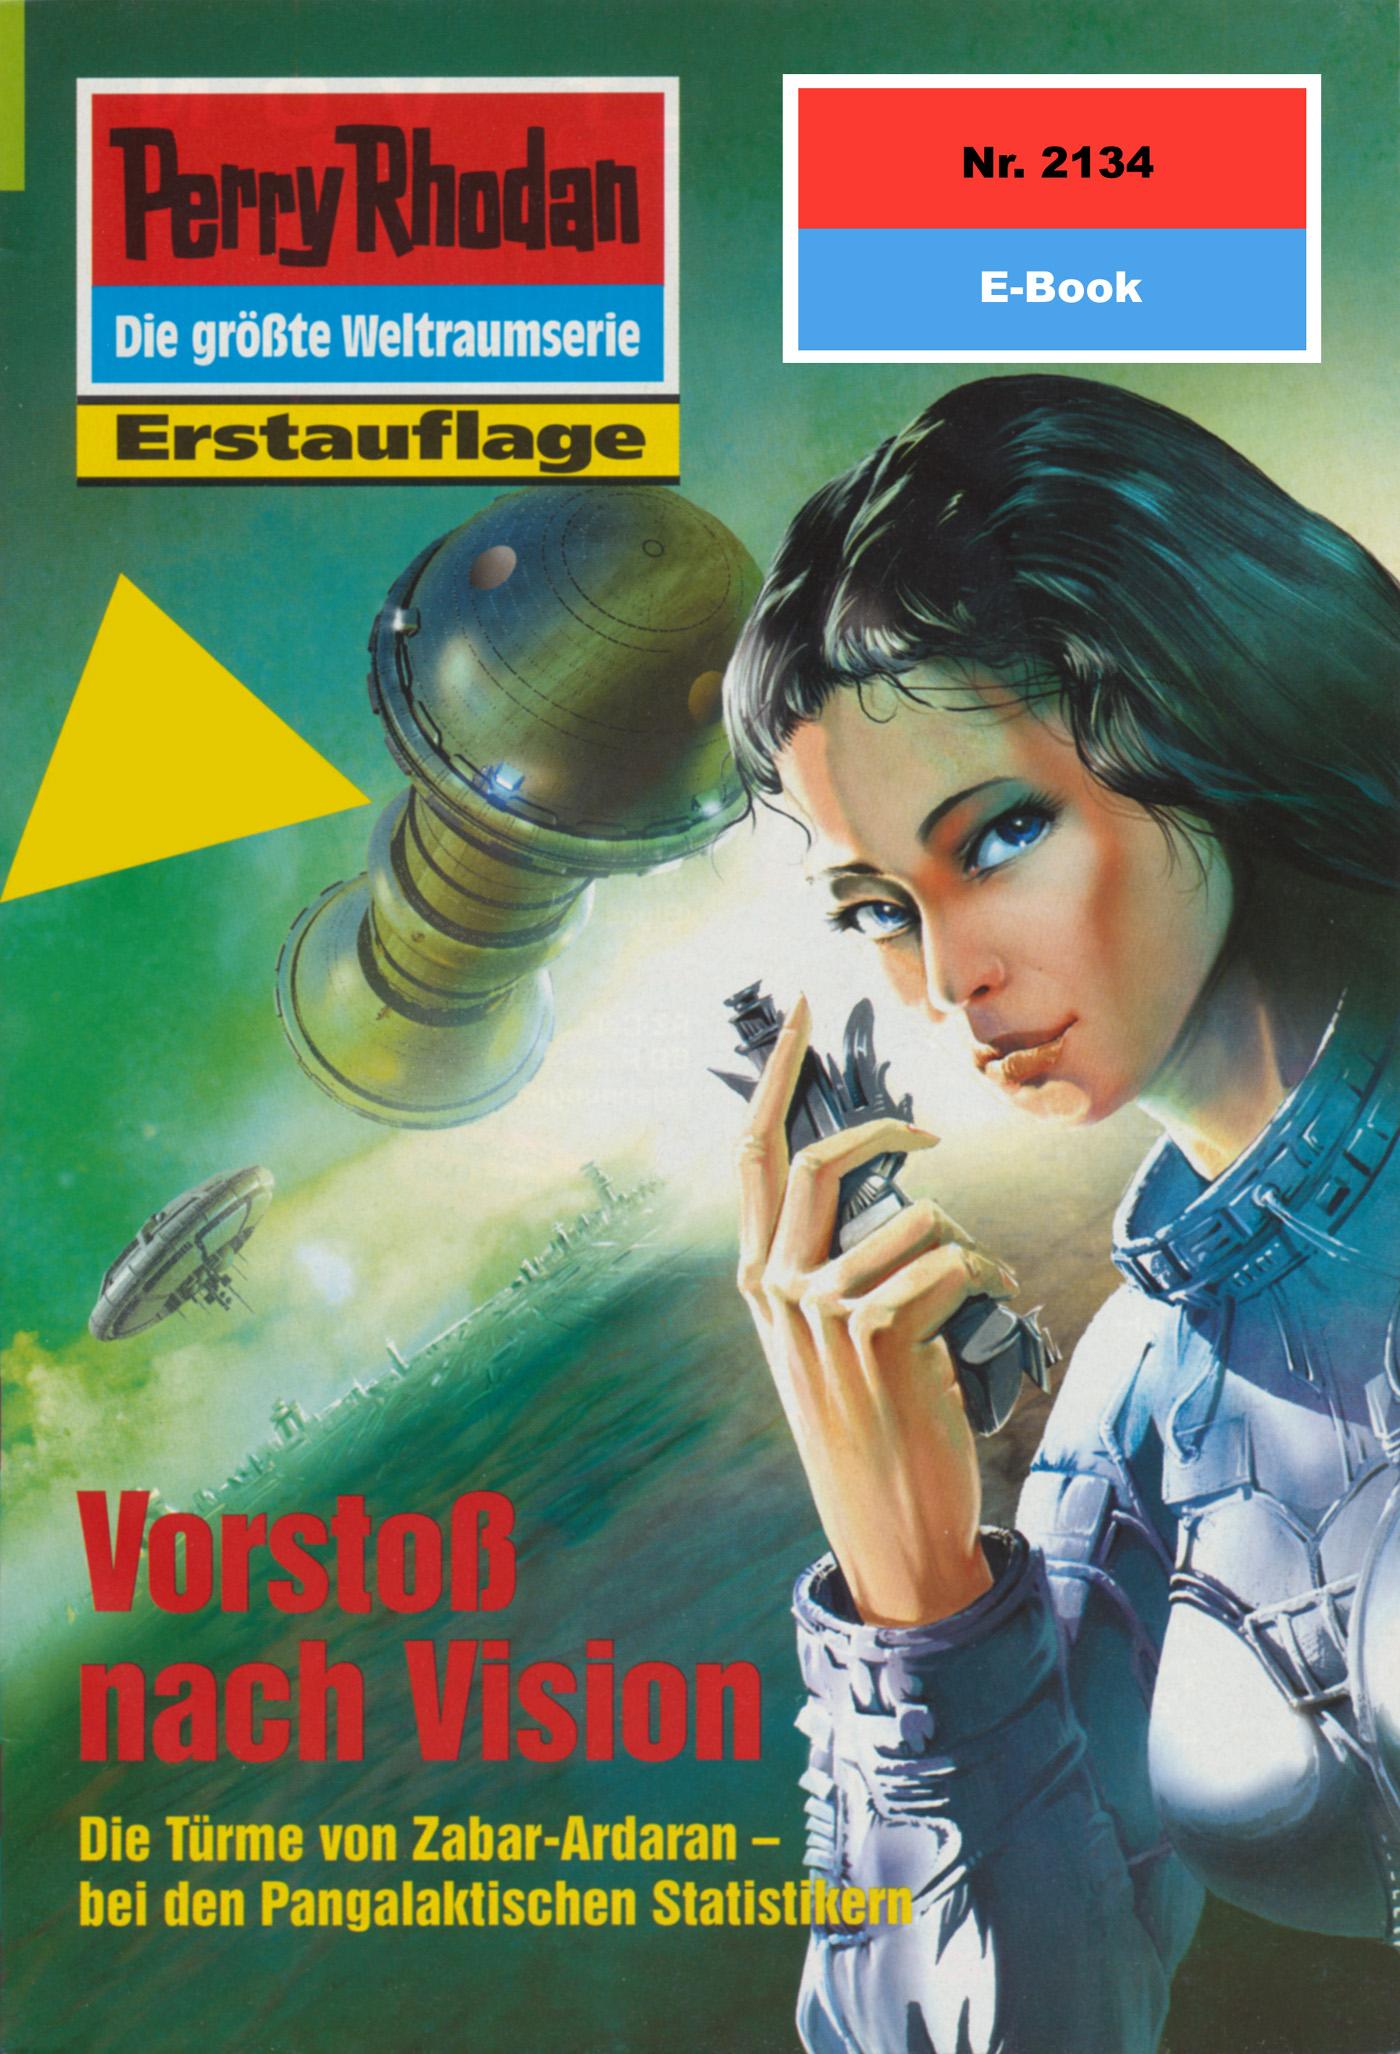 Ernst Vlcek Perry Rhodan 2134: Vorstoß nach Vision ernst vlcek perry rhodan 2134 vorstoß nach vision